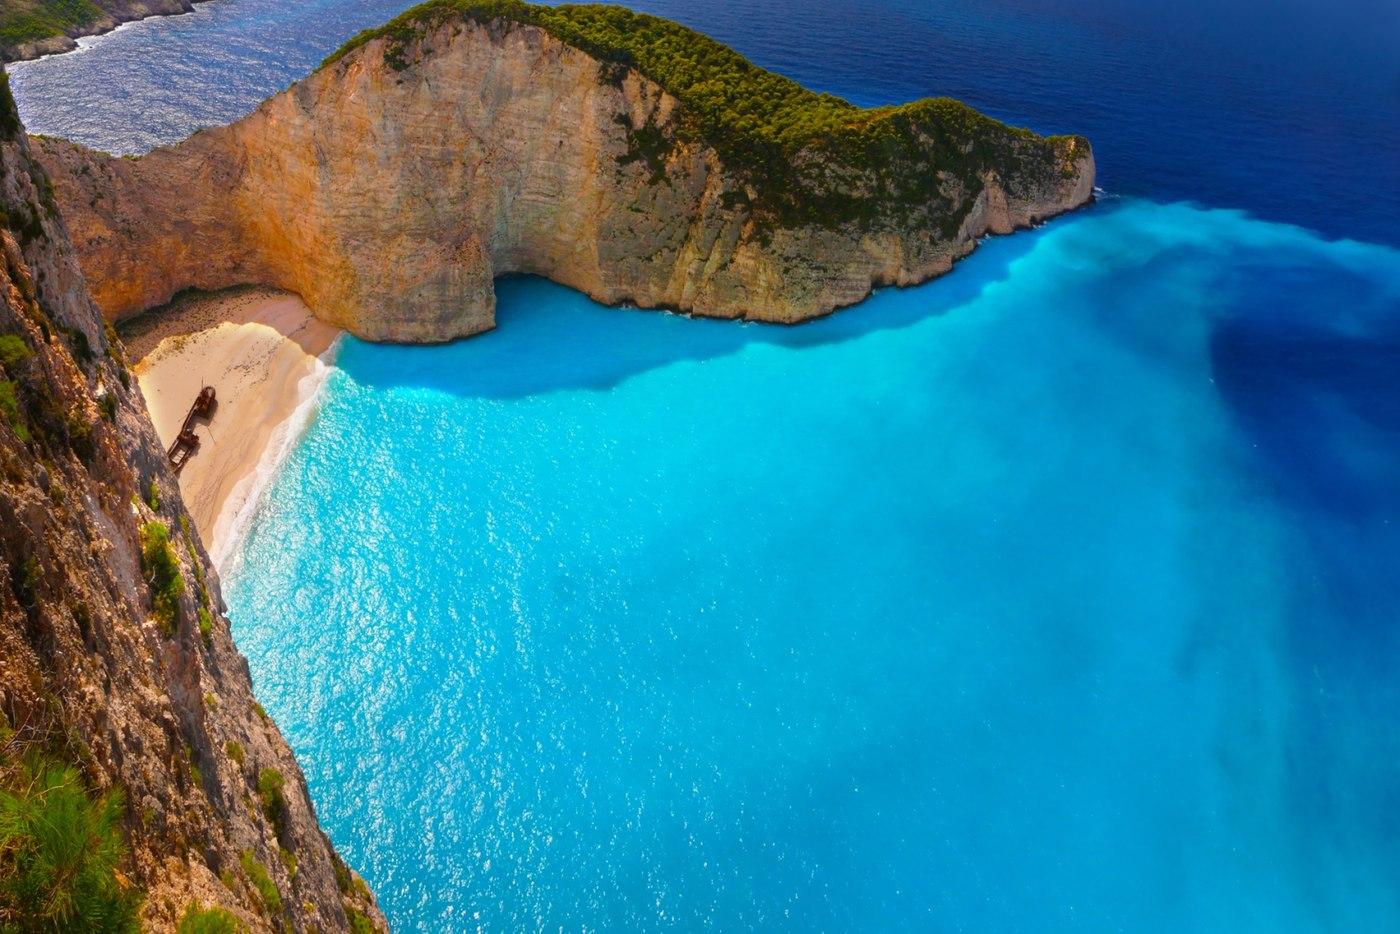 Photo Tour of Mediterranean 24